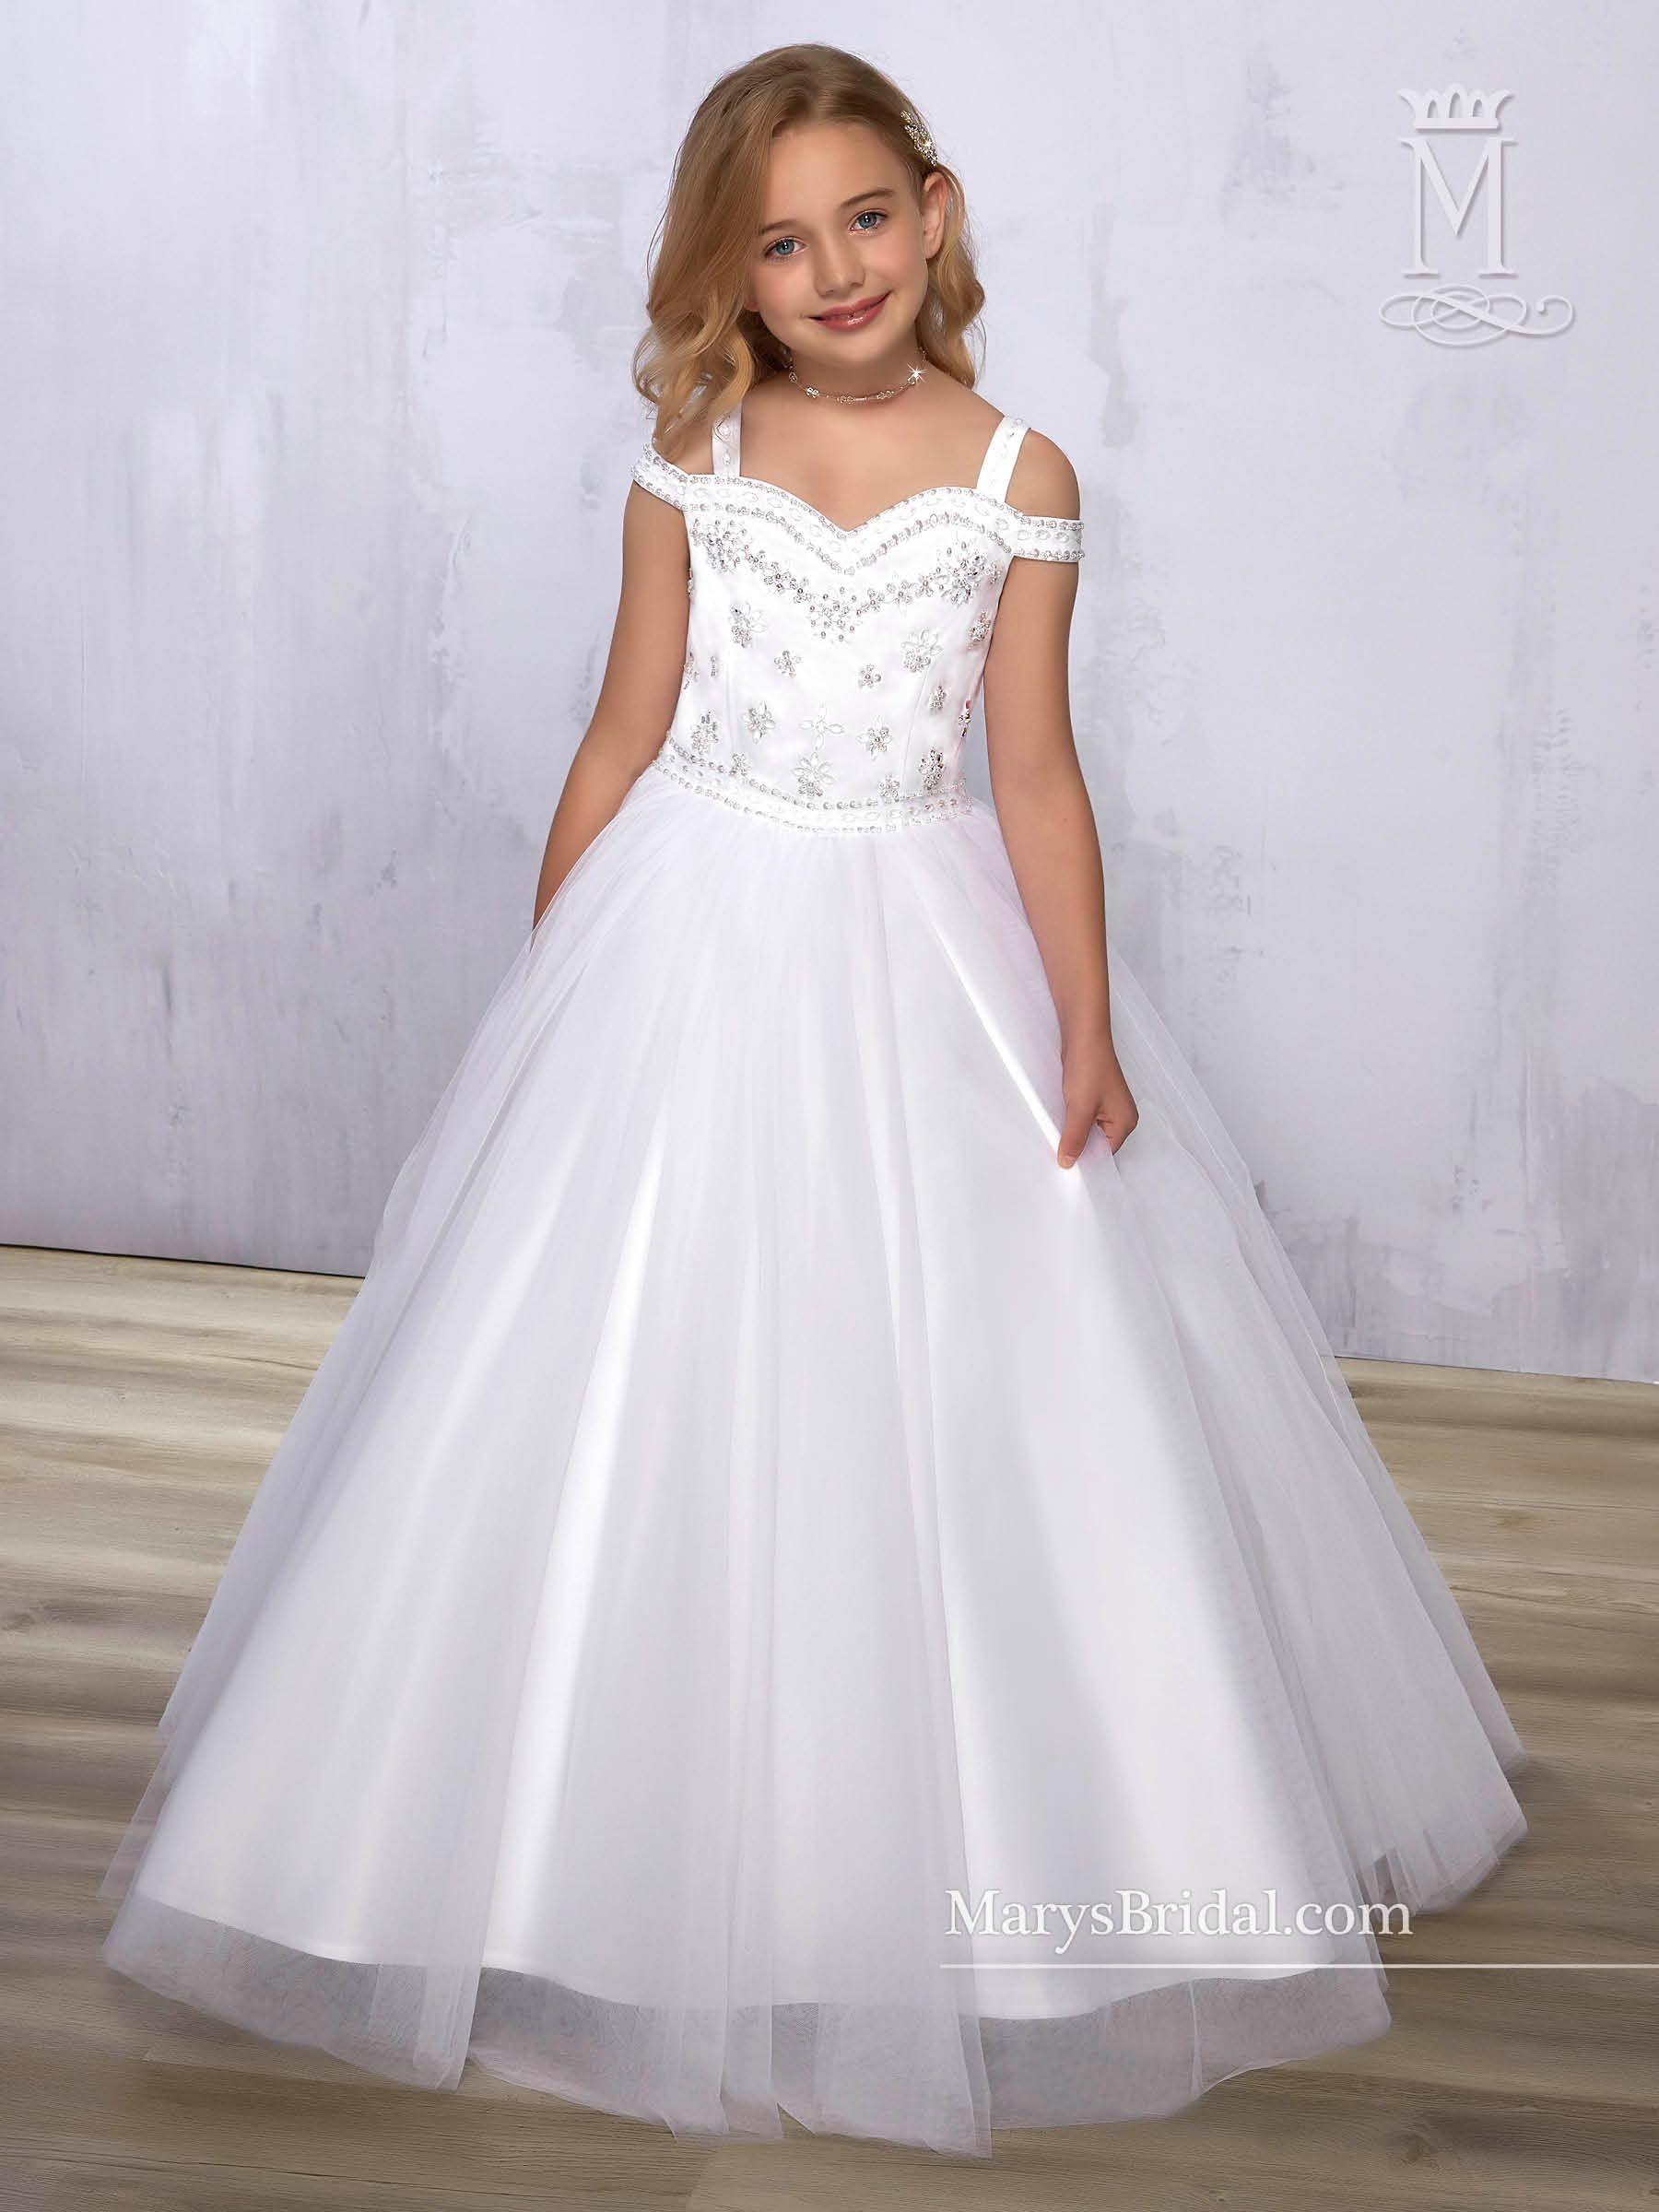 Style f wedding ideas pinterest flower girl dresses girls